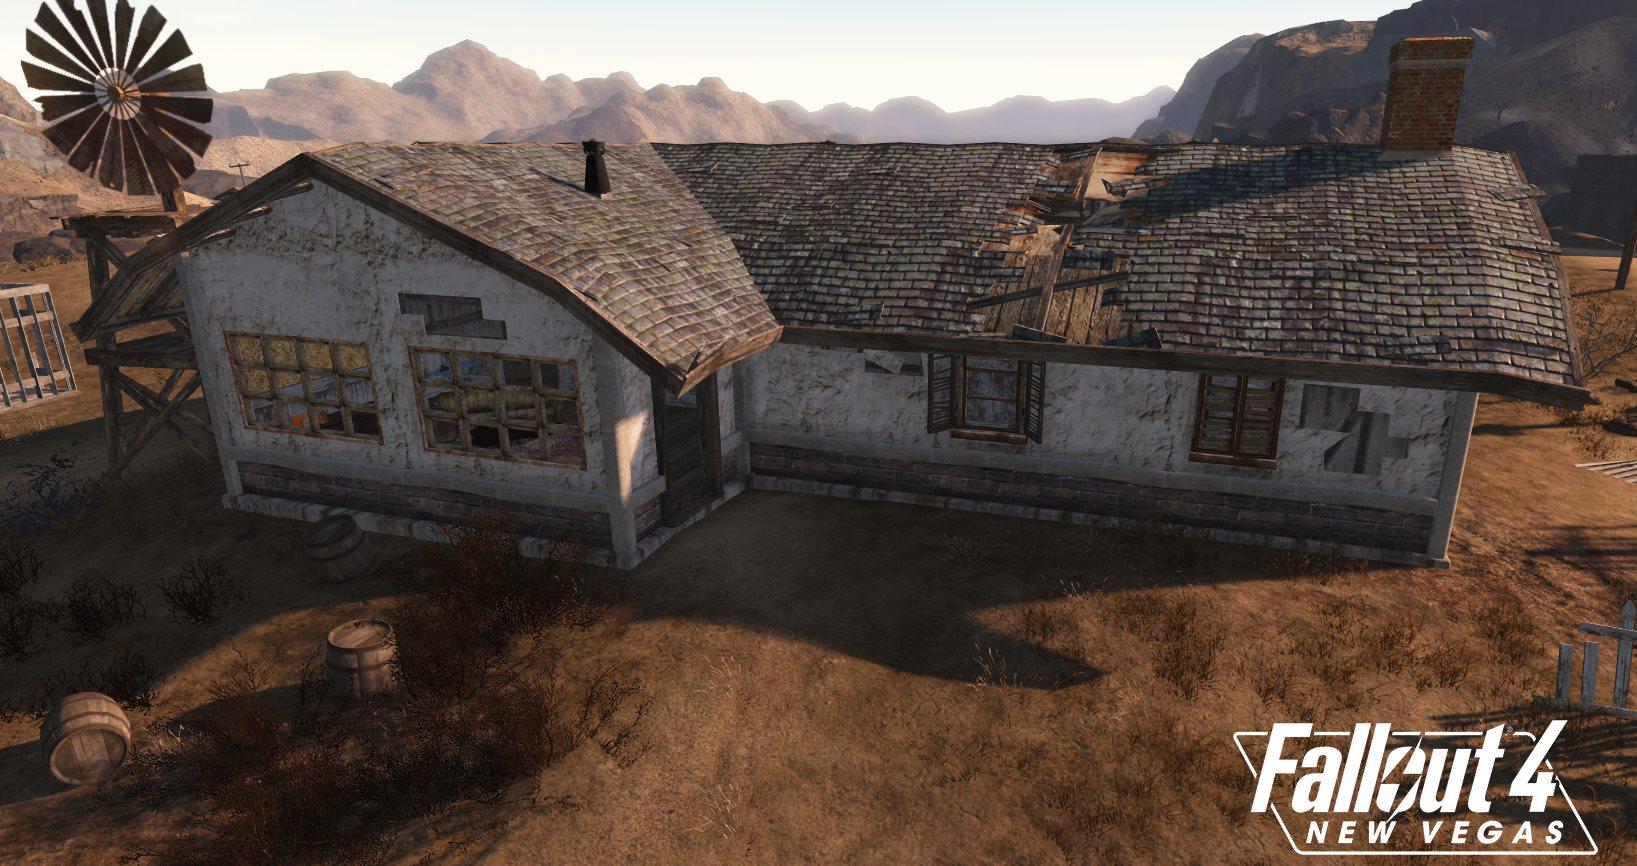 Разработчики Fallout 4: New Vegas продолжают работу над игрой, и на этот раз они рассказали о том что многие текстуры приходиться делать по новому: